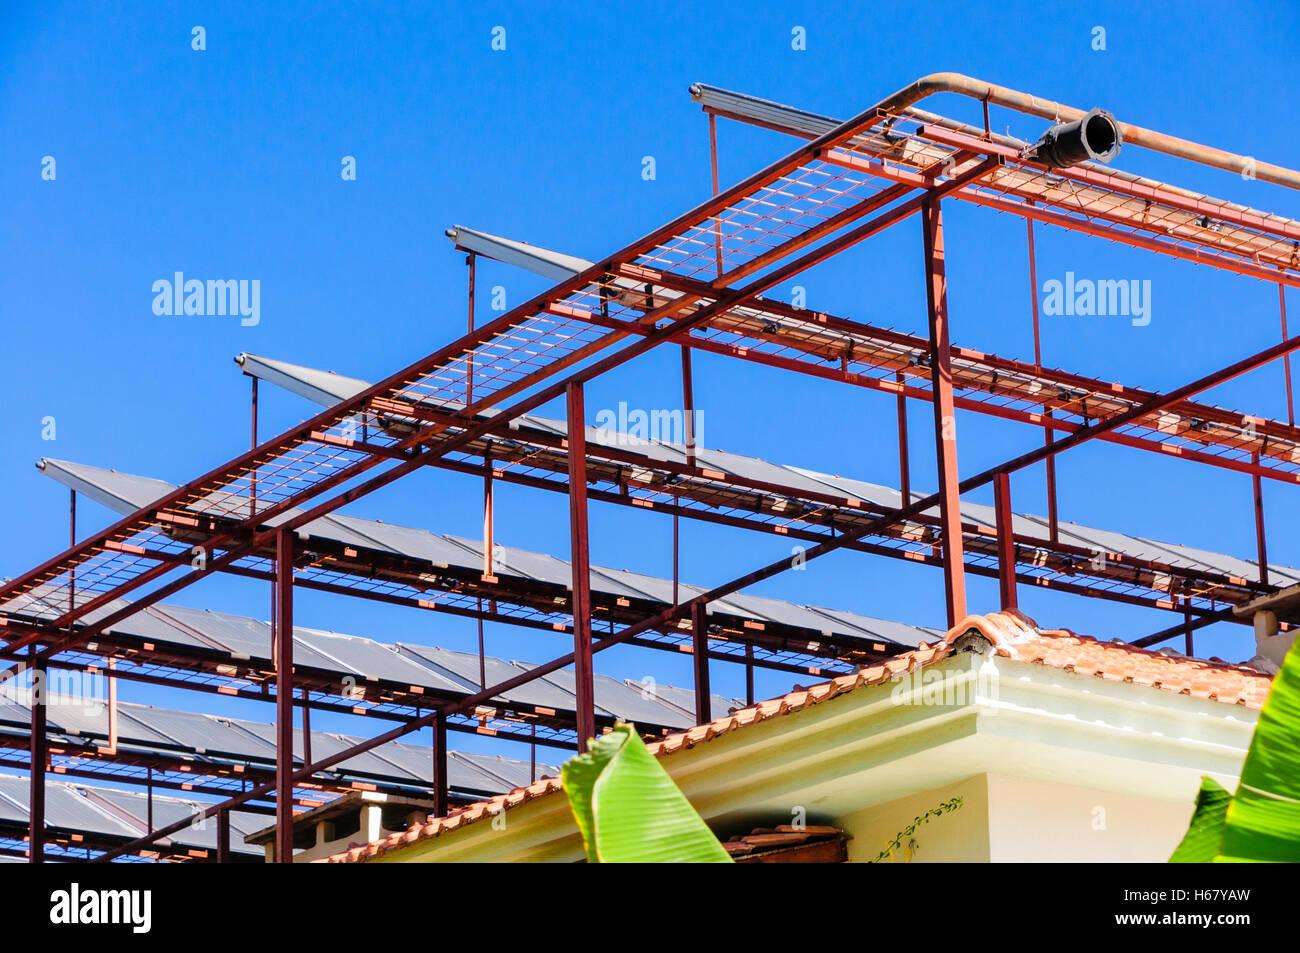 Des panneaux solaires sur un cadre métallique sur le toit d'un bâtiment dans un climat chaud Photo Stock